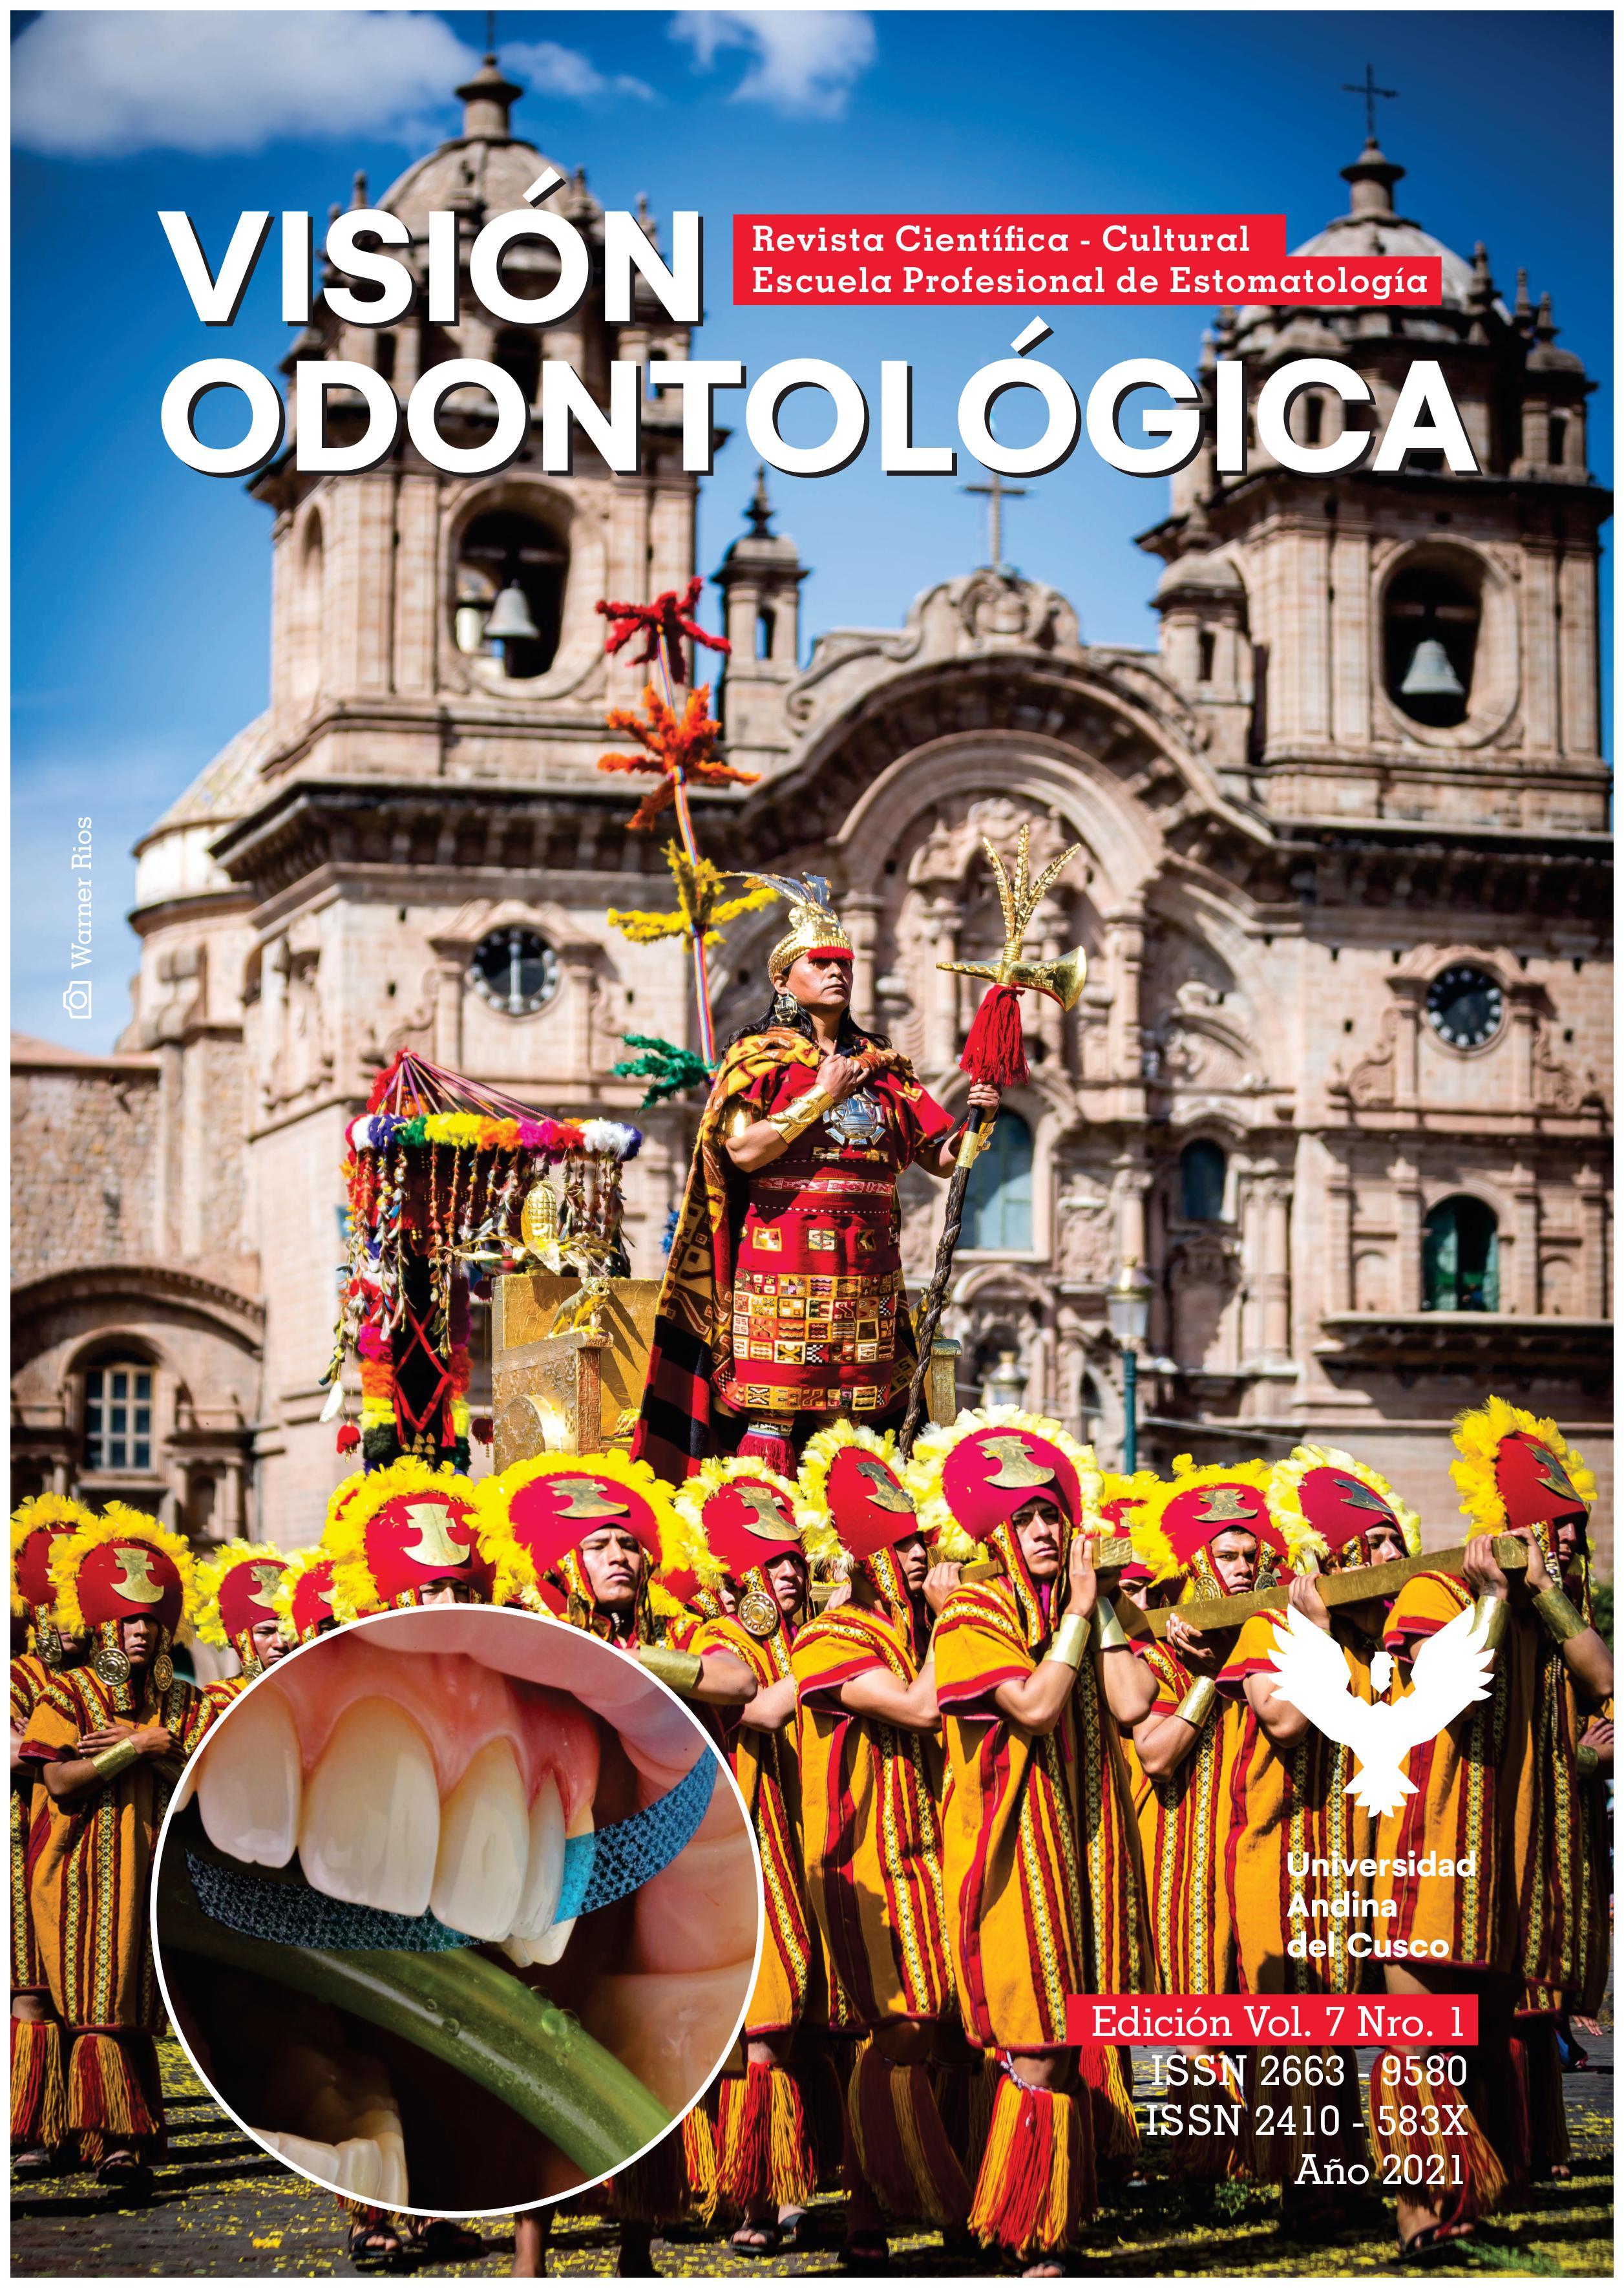 Revista Visión Odontológica Edición Vol. 7 Enero - Junio 2021